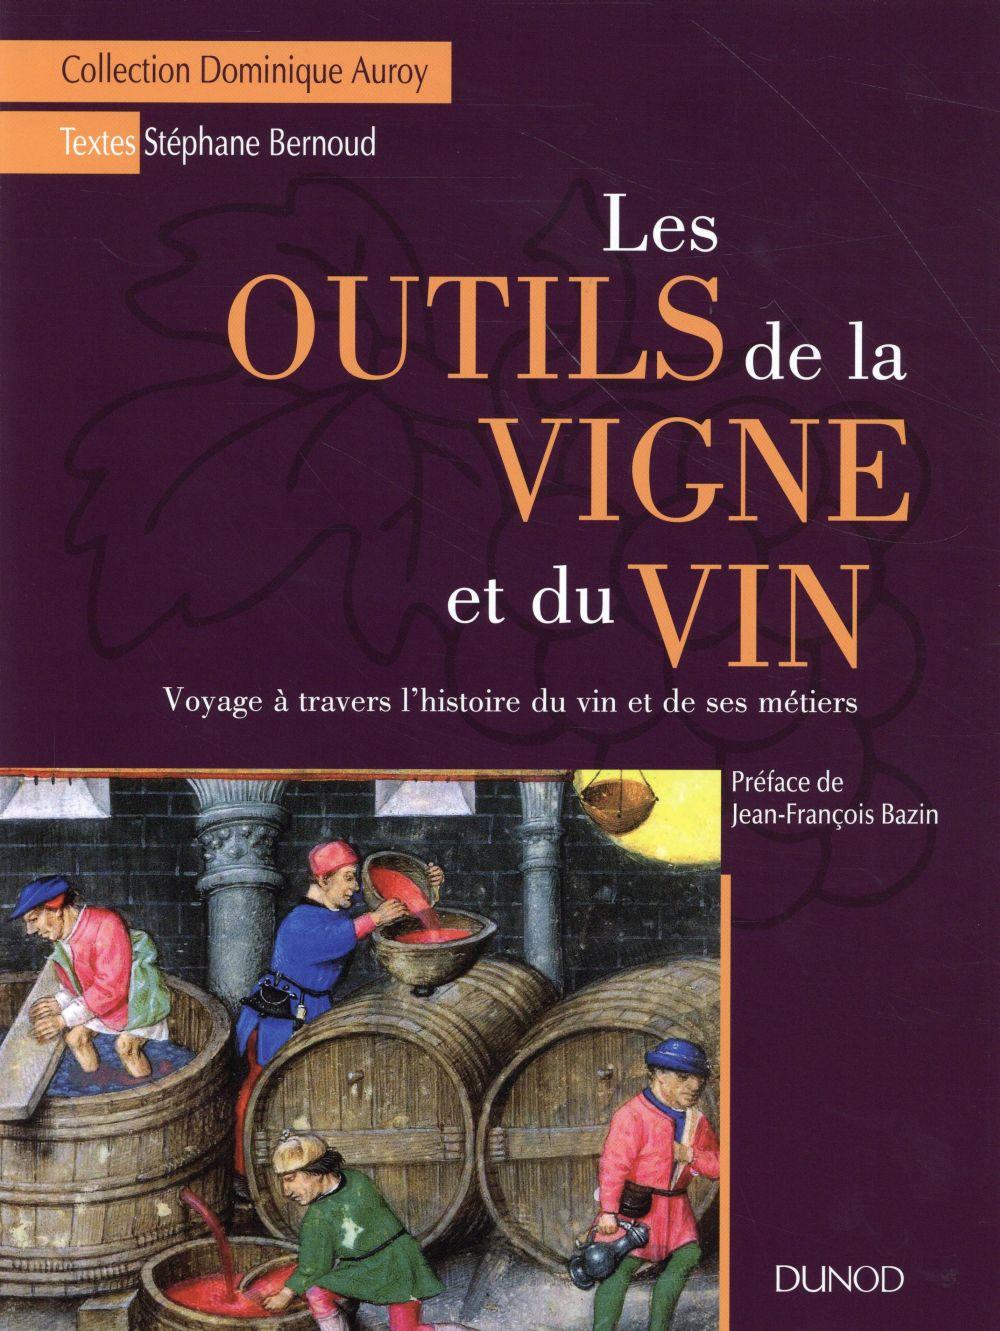 LES OUTILS DE LA VIGNE ET DU VIN - VOYAGE A TRAVERS L'HISTOIRE DU VIN ET DE SES METIERS BERNOUD Dunod